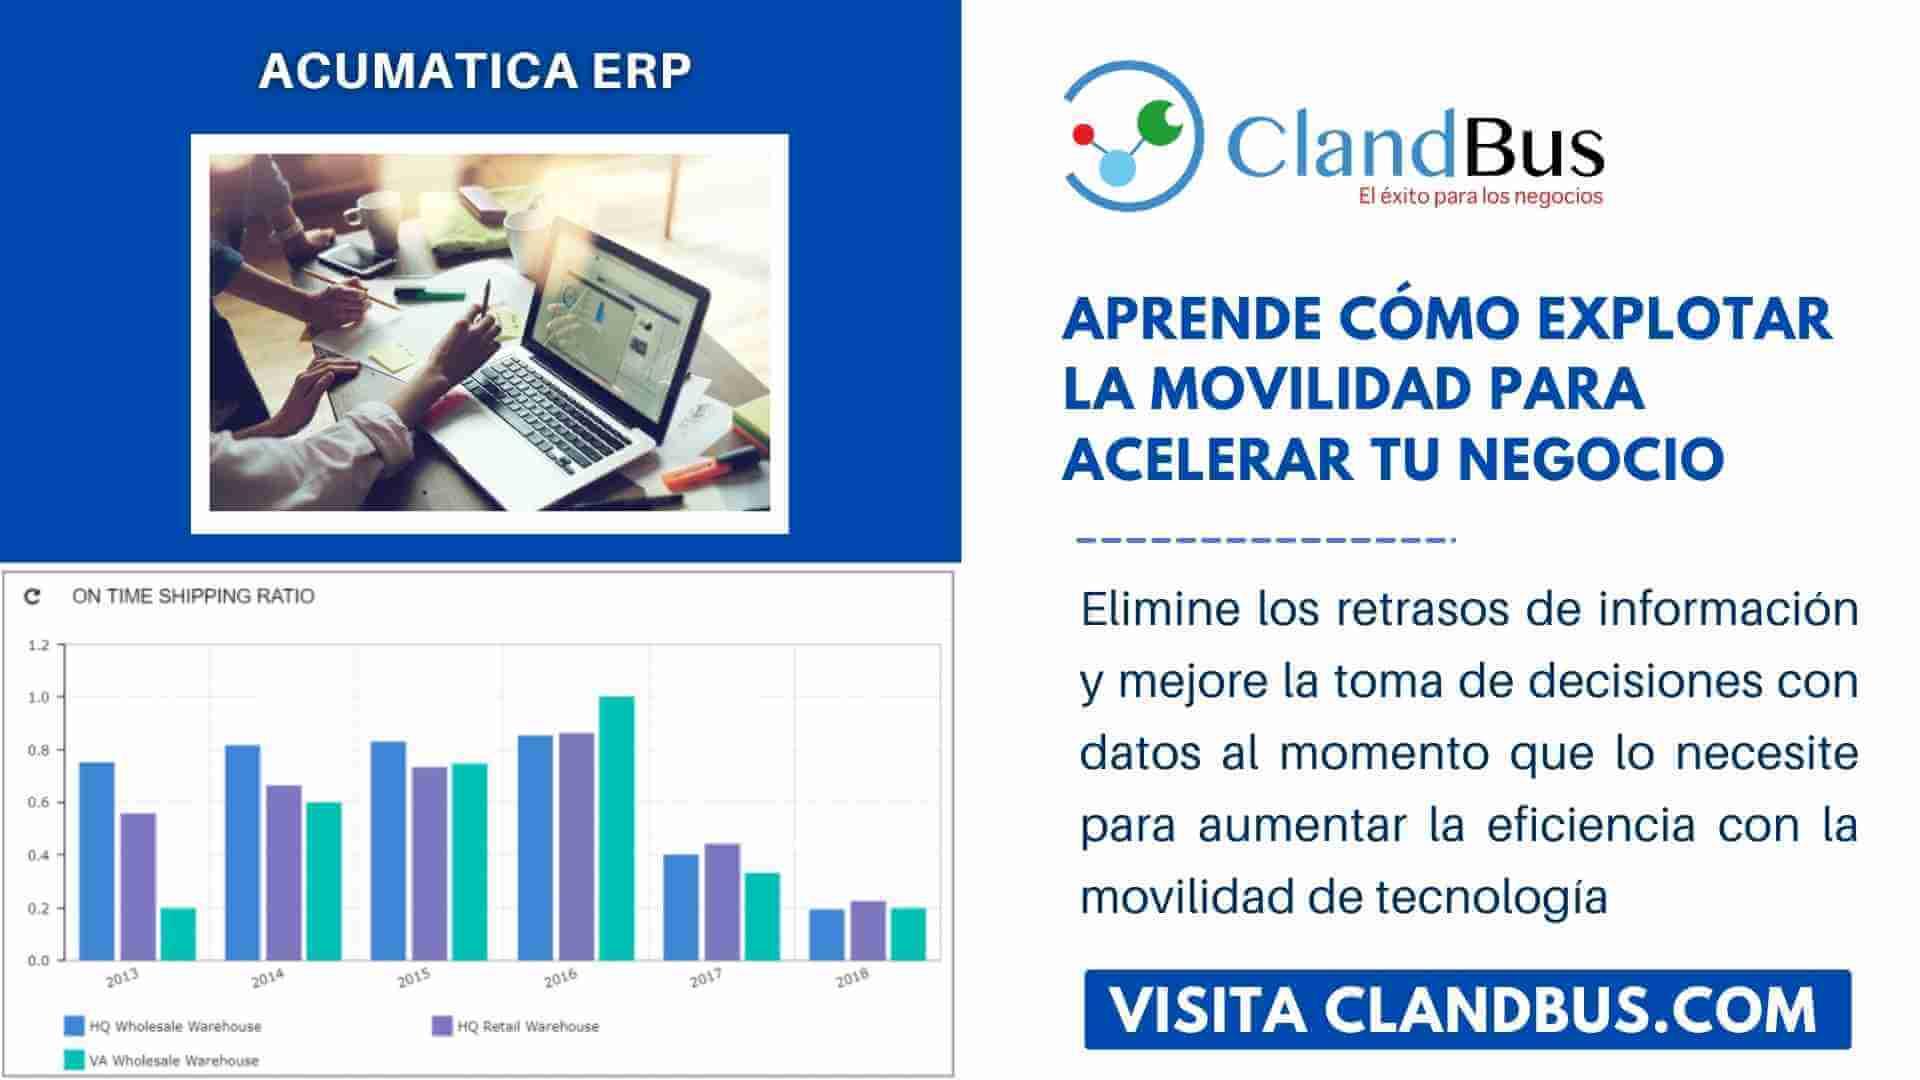 como explotar la movilidad -Aprende cómo explotar la movilidad para acelerar tu negocio con Acumatica ERP y ClandBus